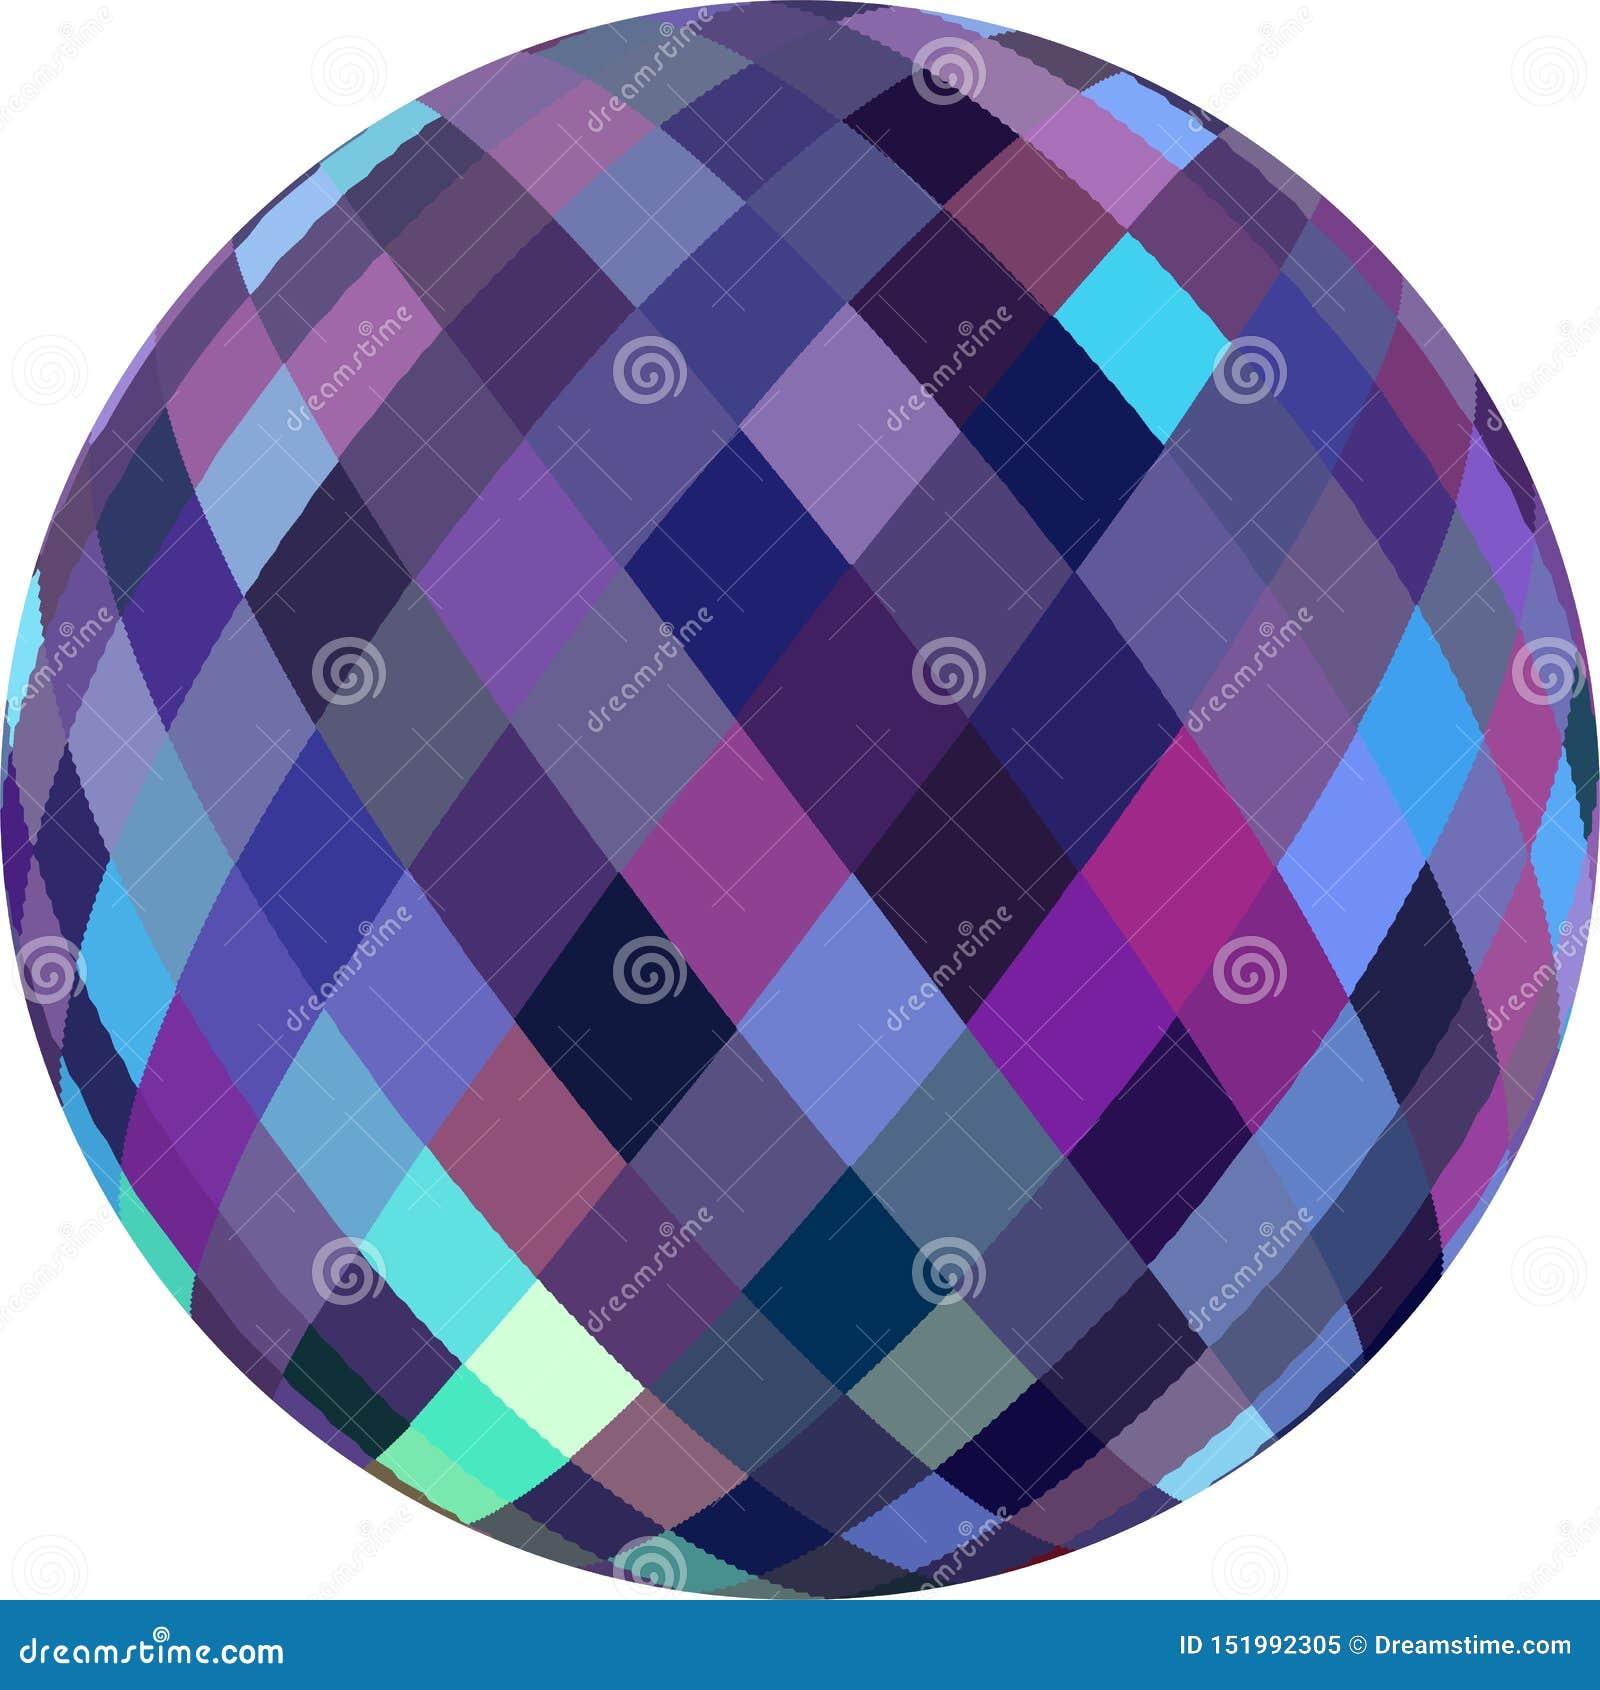 蓝色淡紫色桃红色五彩玻璃sphere3d 抽象图表